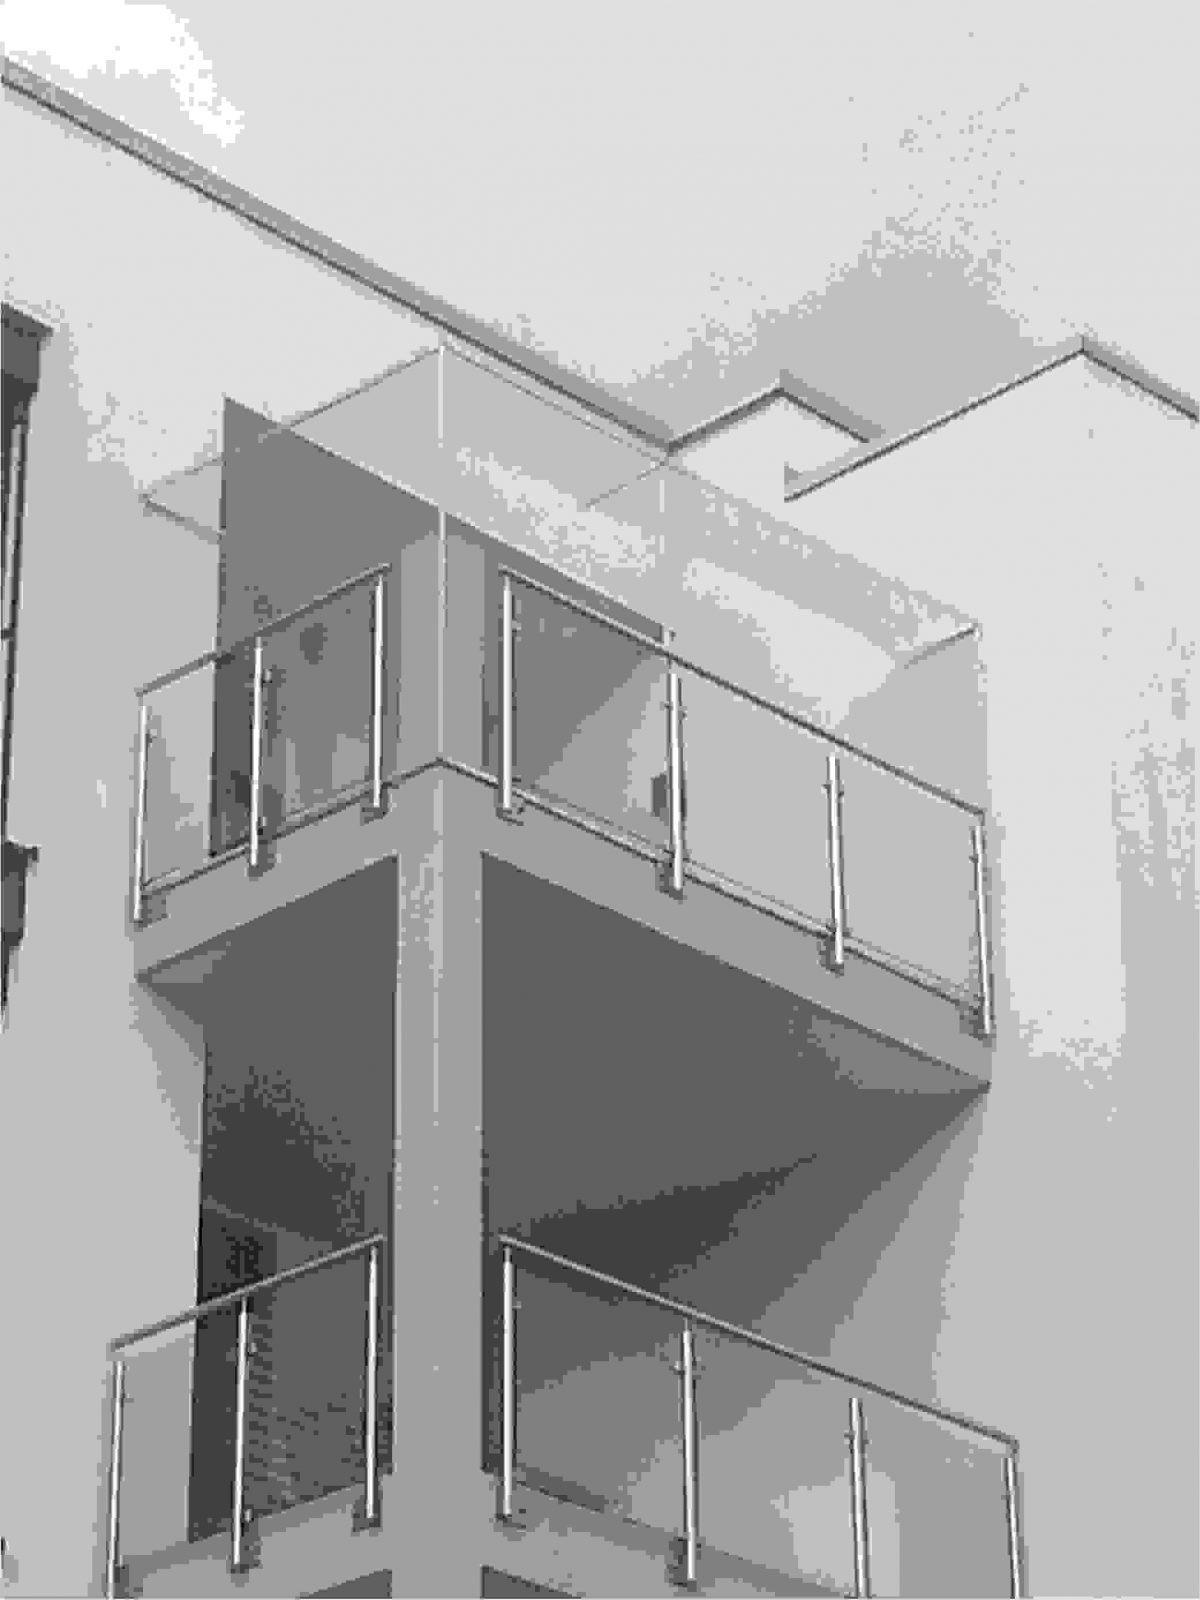 Spannende Windschutz Balkon Ohne Bohren Free Der With Windschutz Von von Windschutz Für Balkon Ohne Bohren Bild